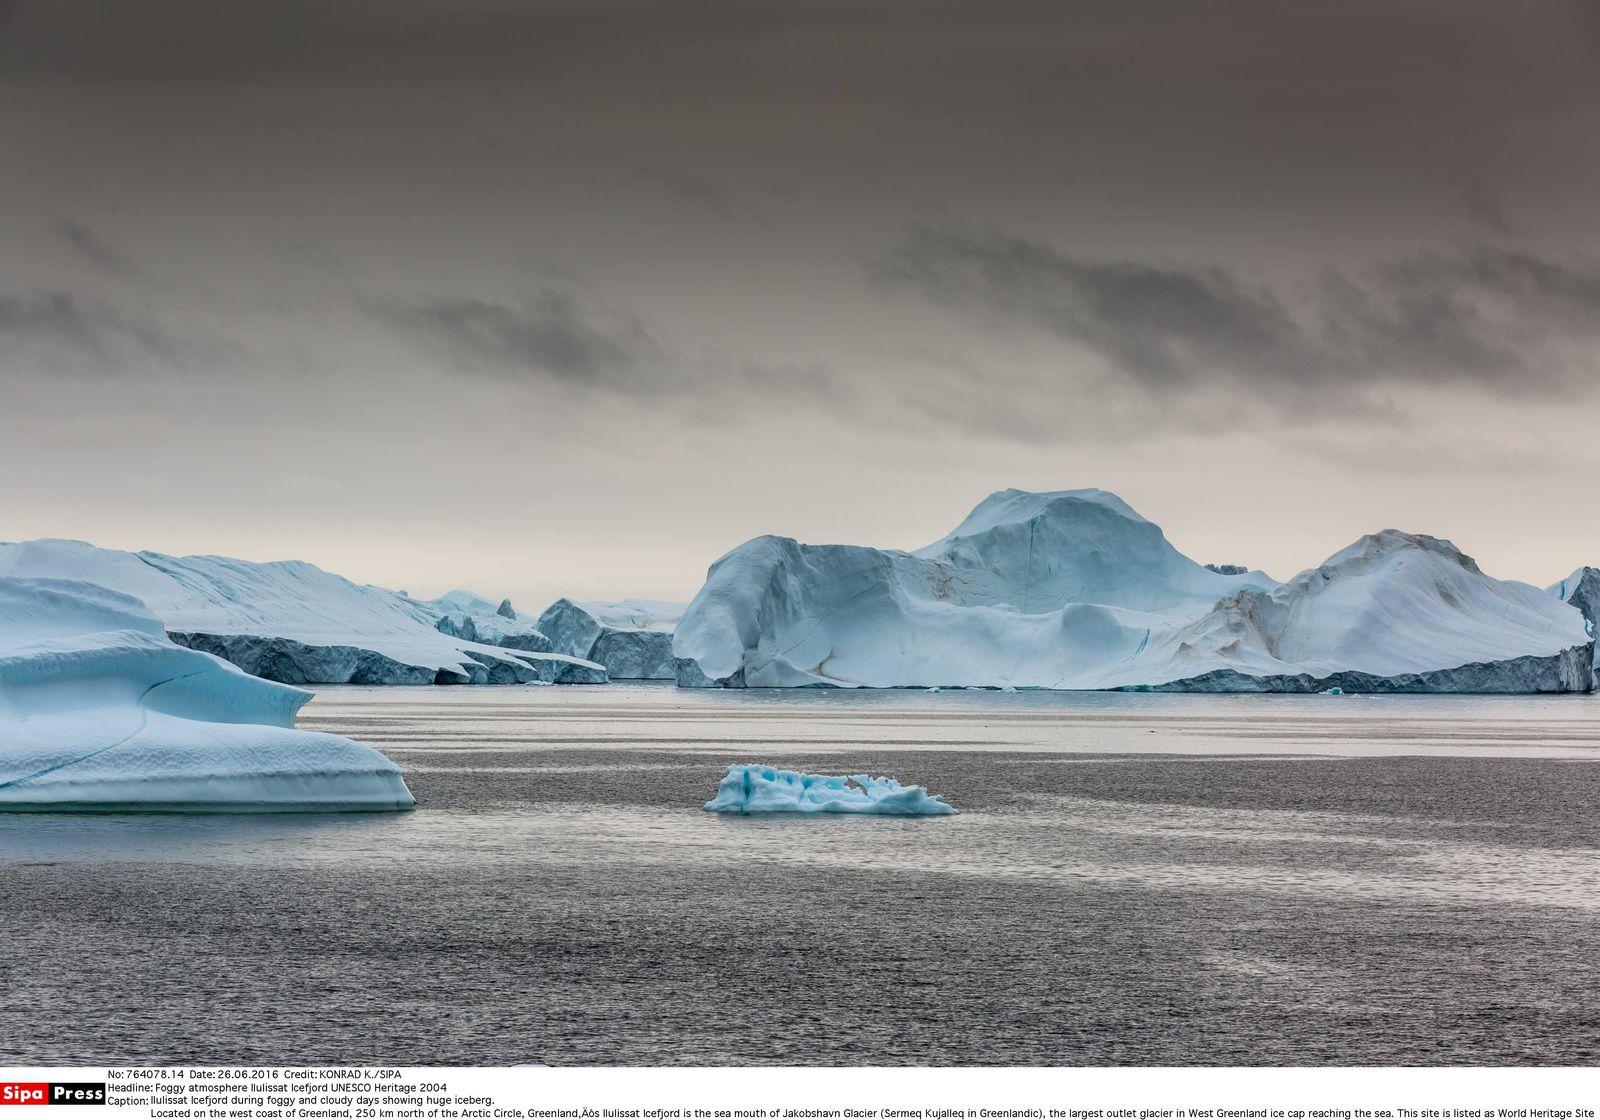 EINMALIGE VERWENDUNG SPIEGEL Plus SPIEGEL 14/2017 S. 103 Arktis STARTBILD